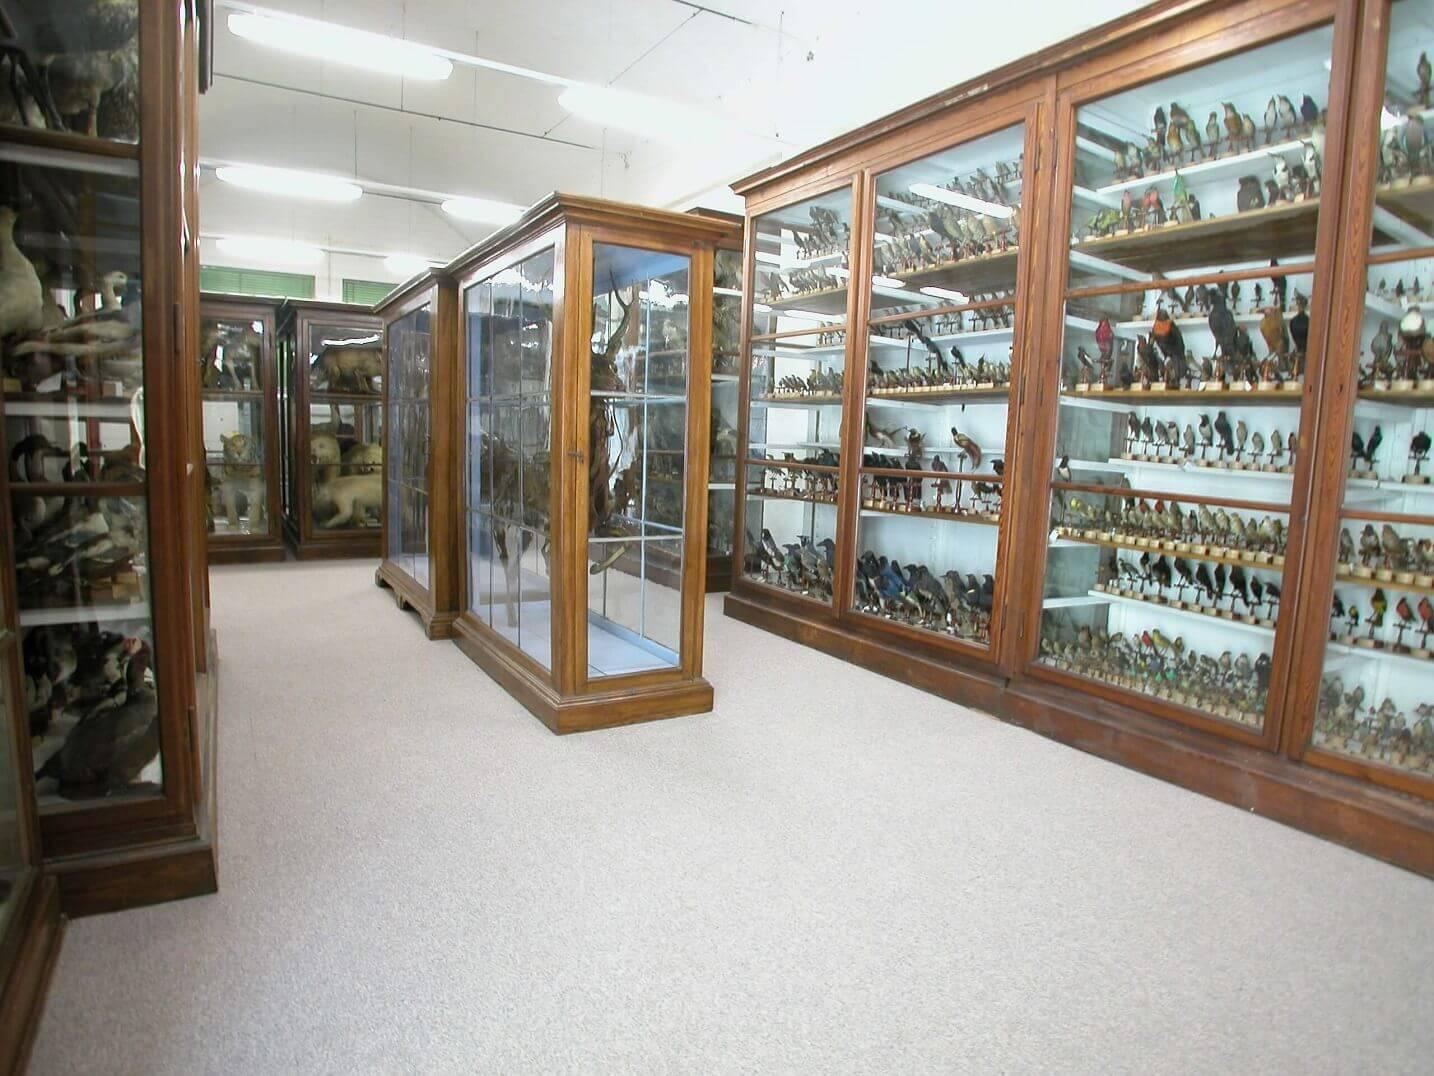 Musei dell'Università di Pavia: un tesoro spesso nascosto